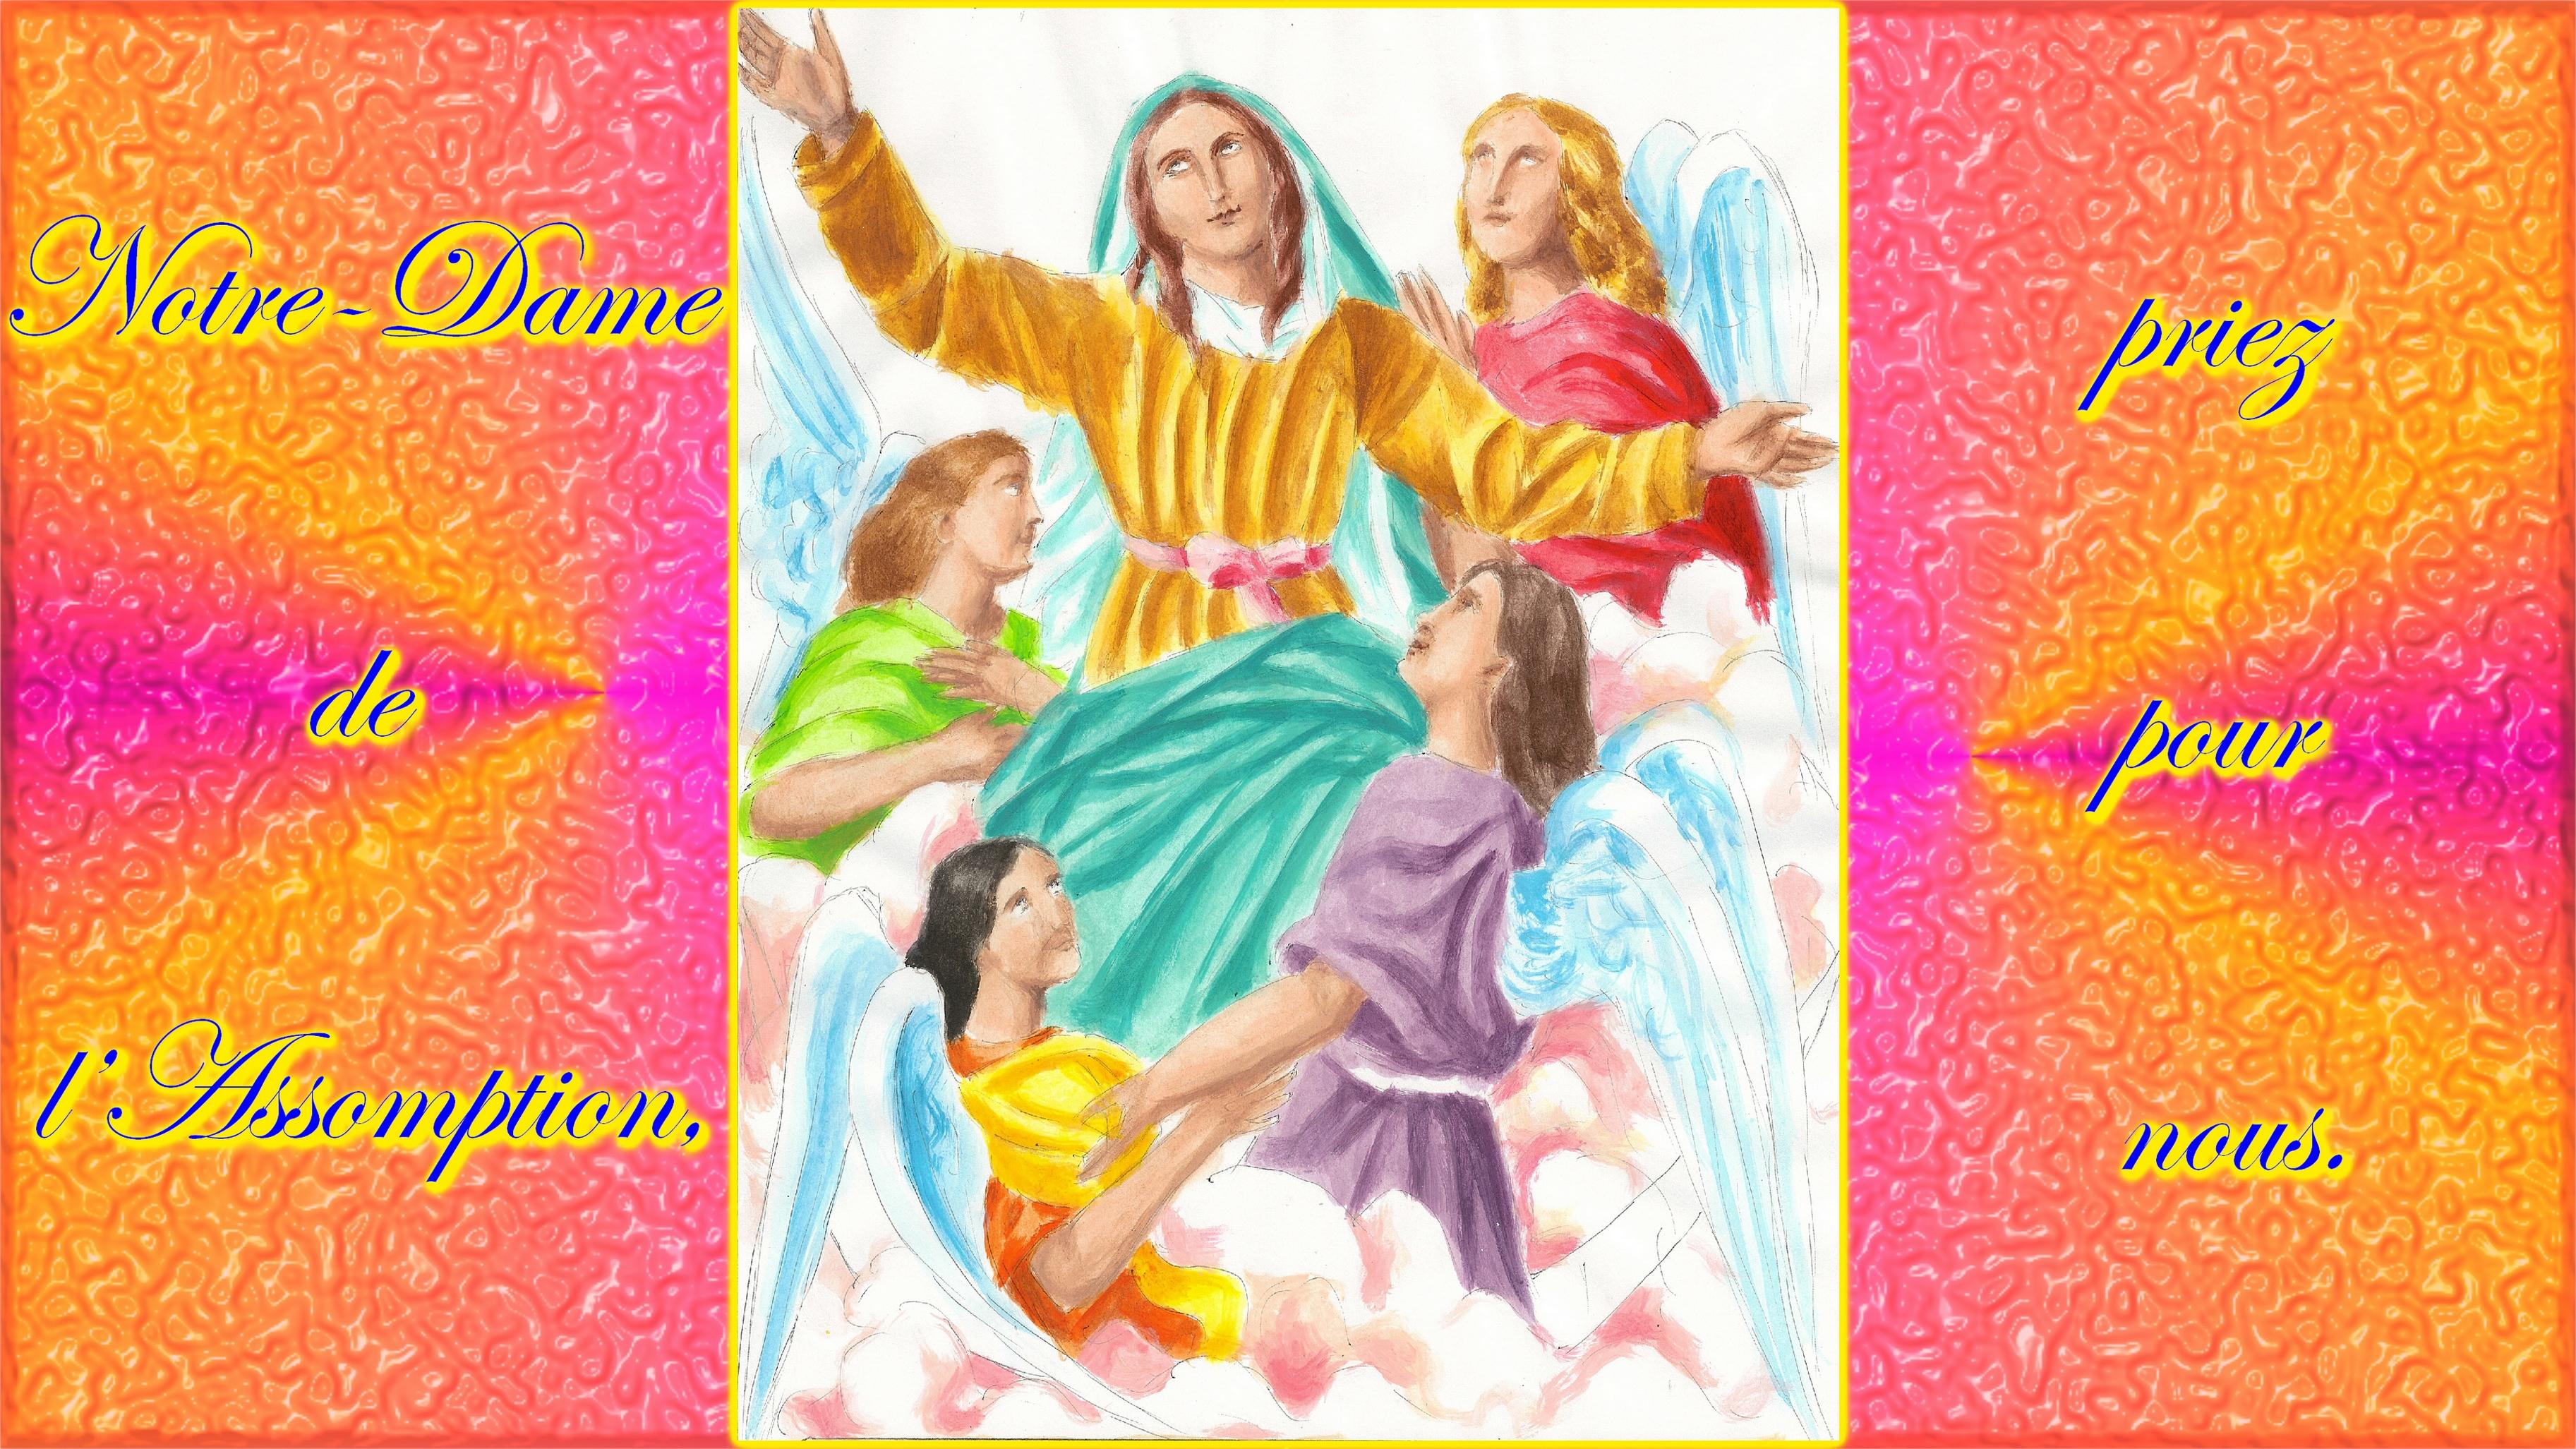 Le Rosaire en Images - Page 3 Notre-dame-de-l-a...ption-2--5648c91